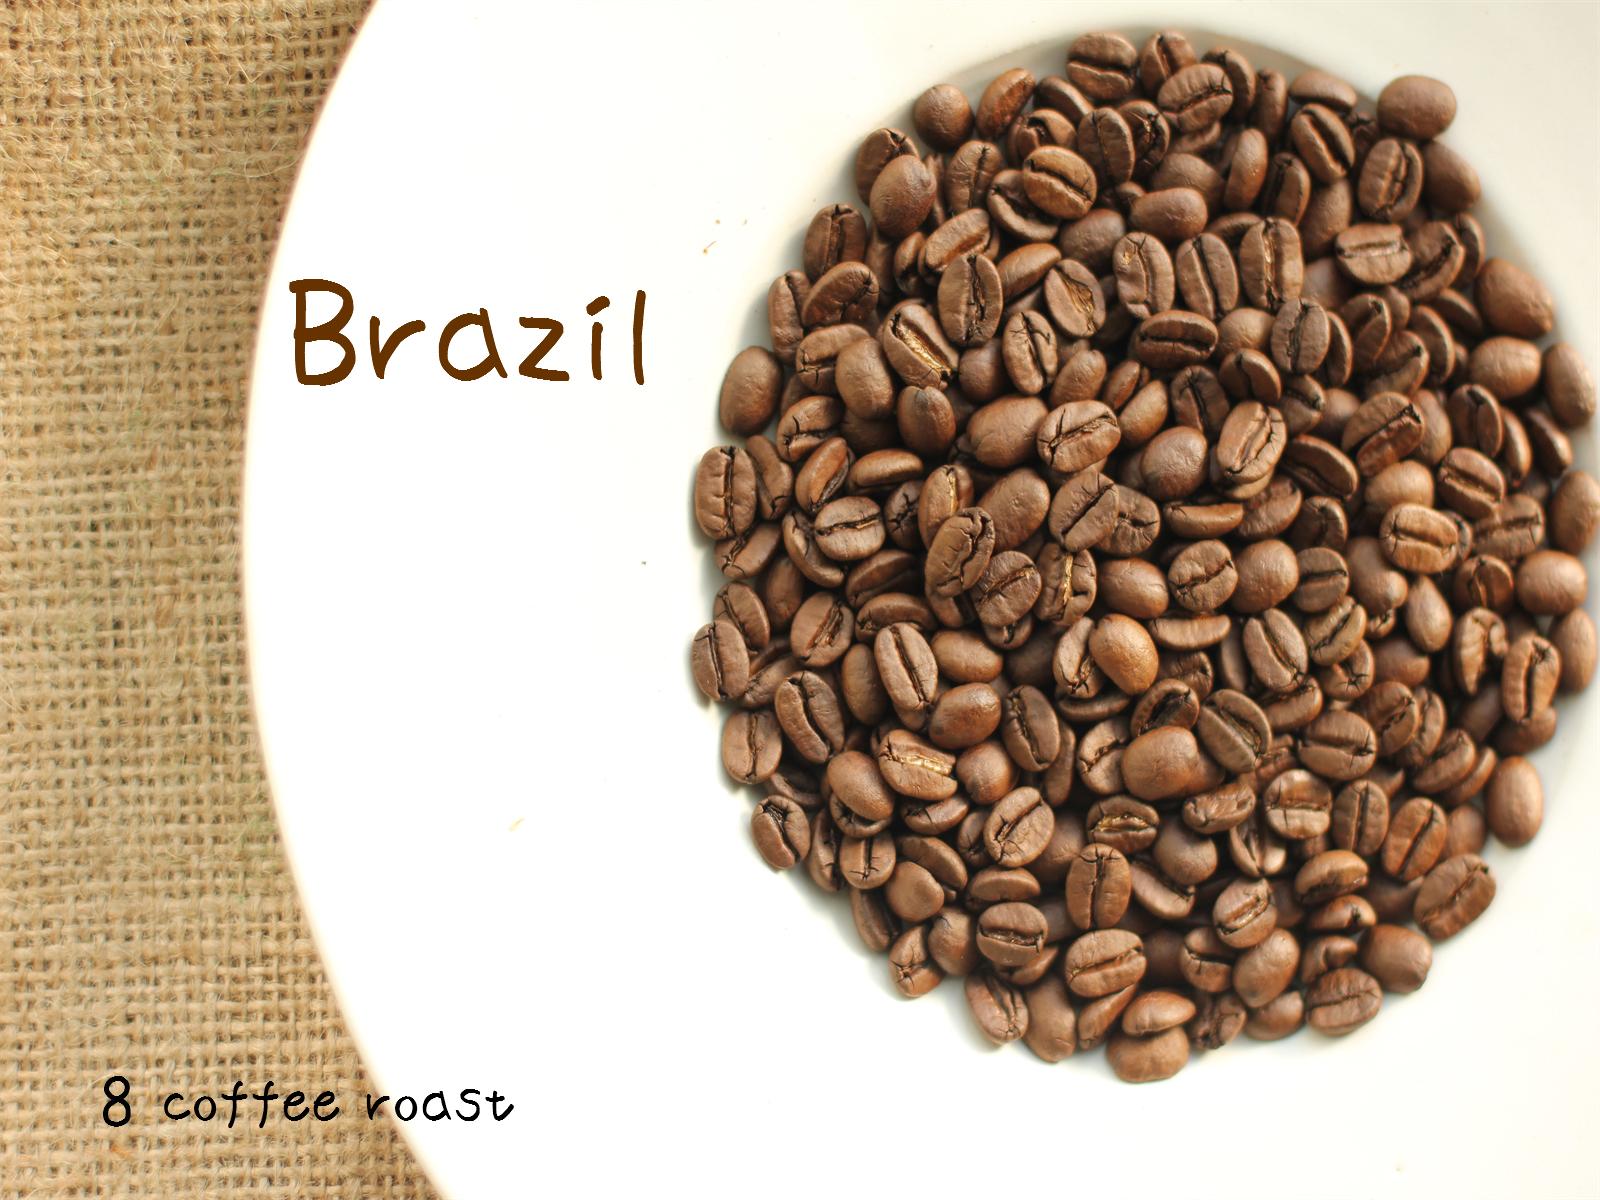 コーヒー焙煎豆 ブラジル トミオフクダ樹上完熟 内容量 80g バウー農園 再入荷/予約販売! 5☆好評